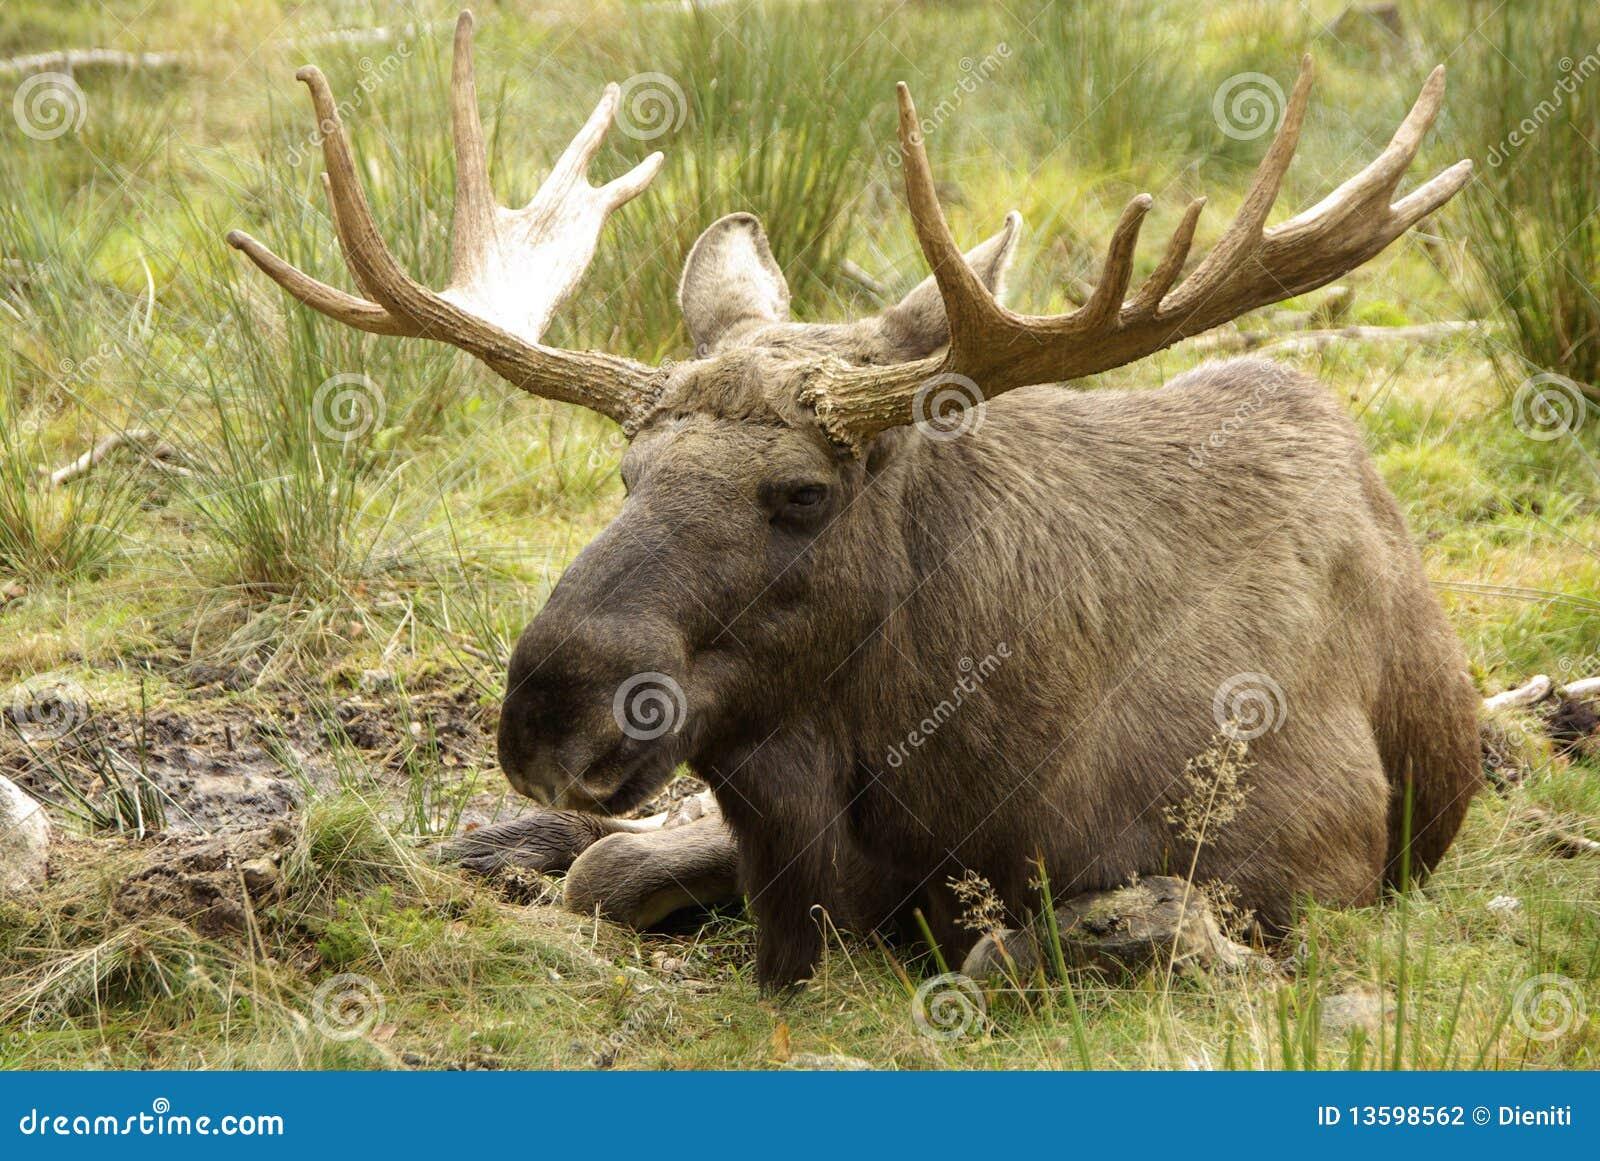 Bull eines Elchs